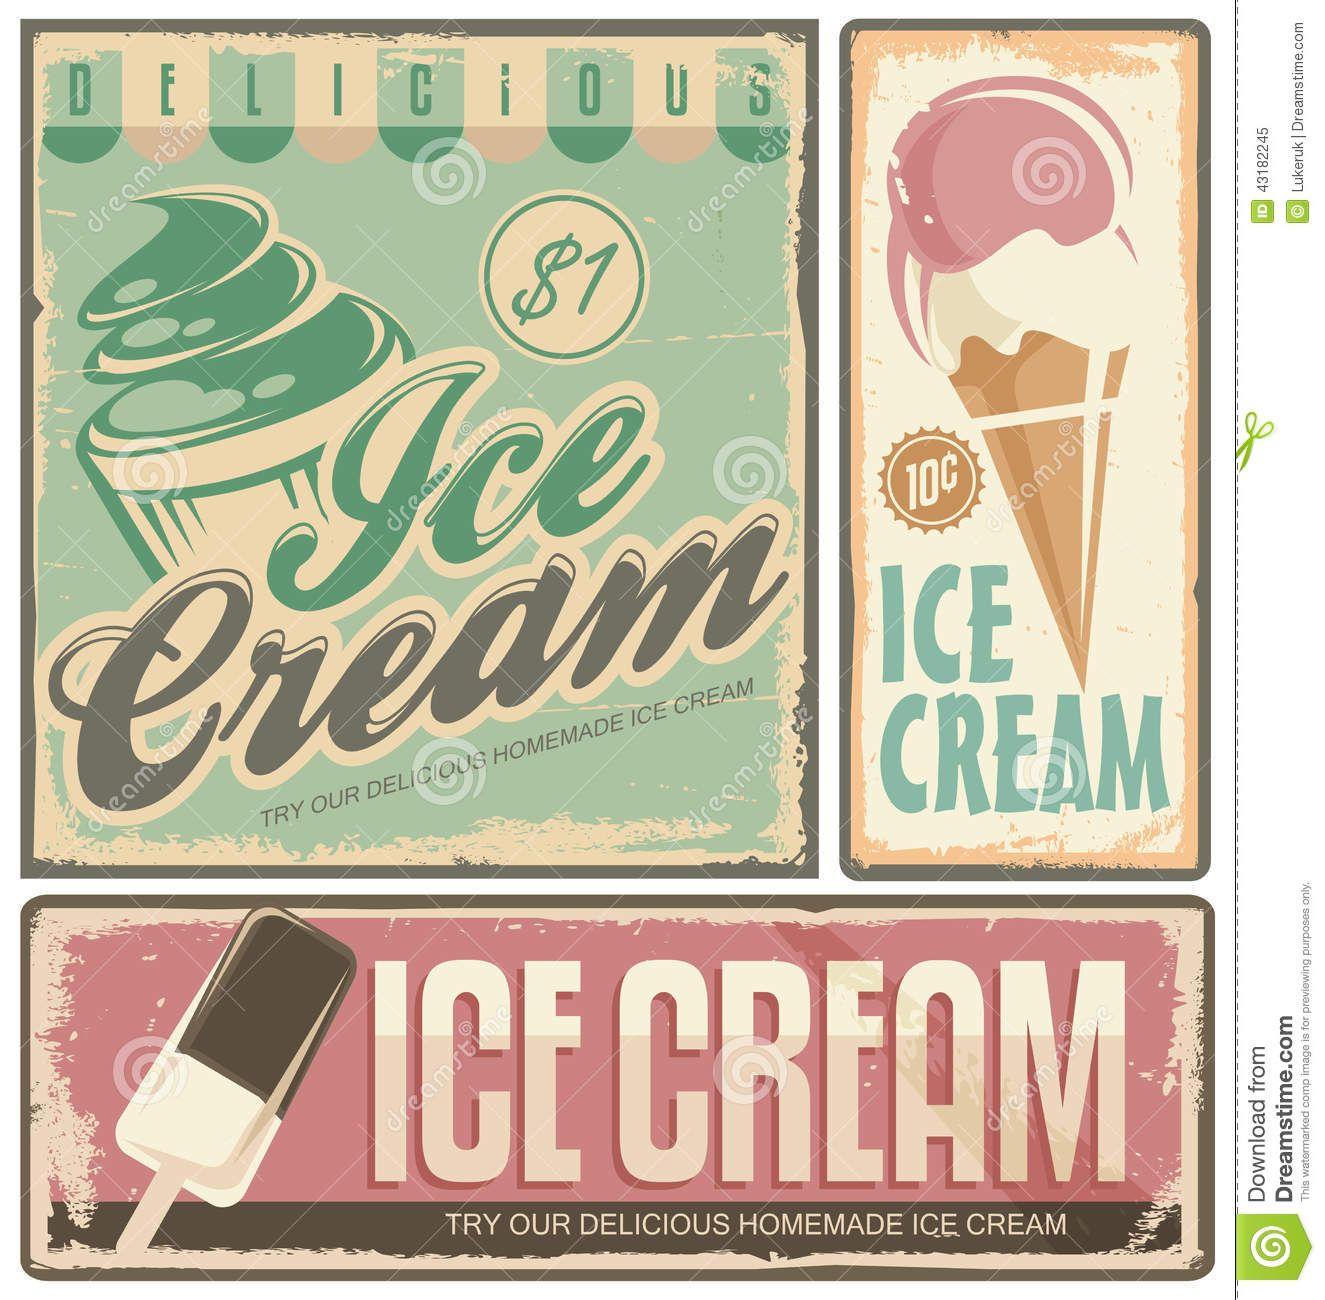 antique ice cream parlor